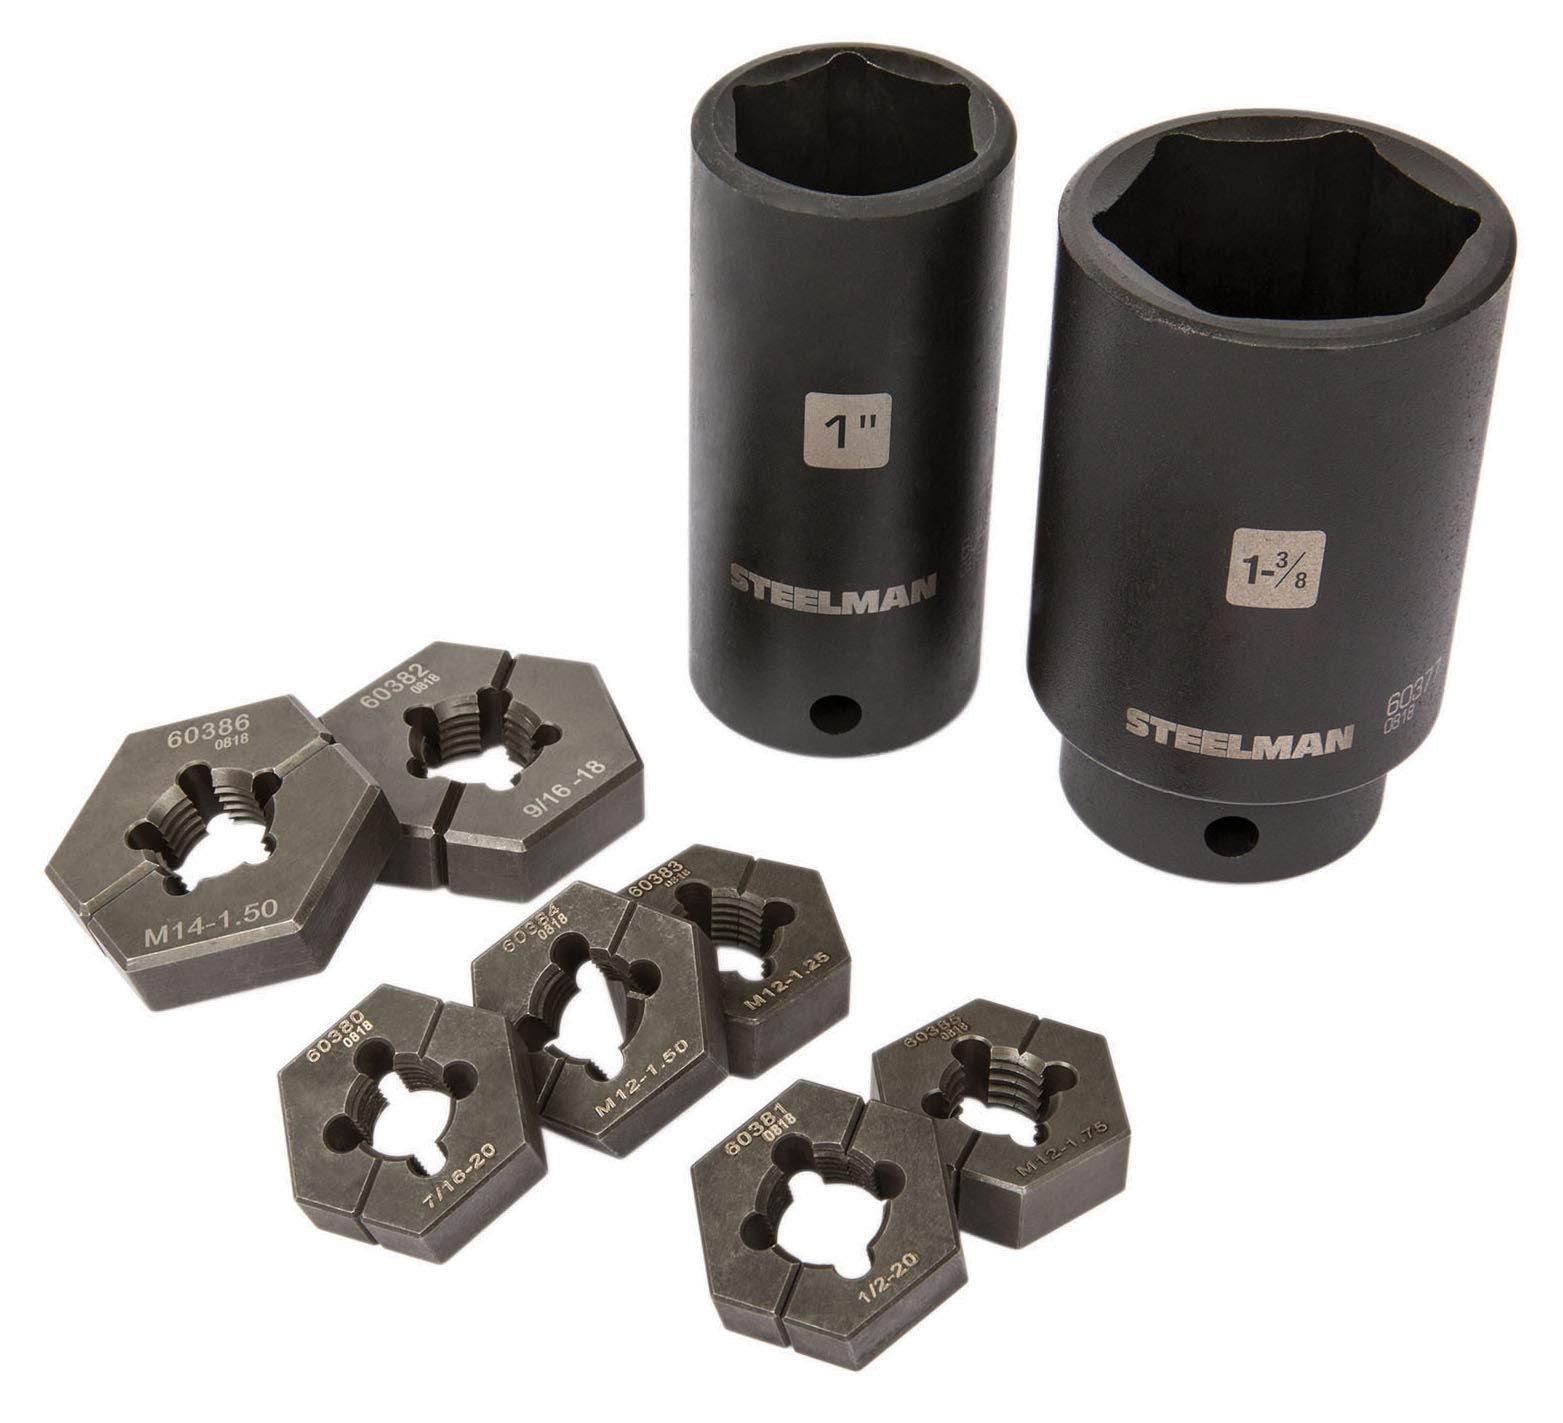 Steelman 60375 9-Piece Split Die Wheel Stud Repair/Rethreading Kit